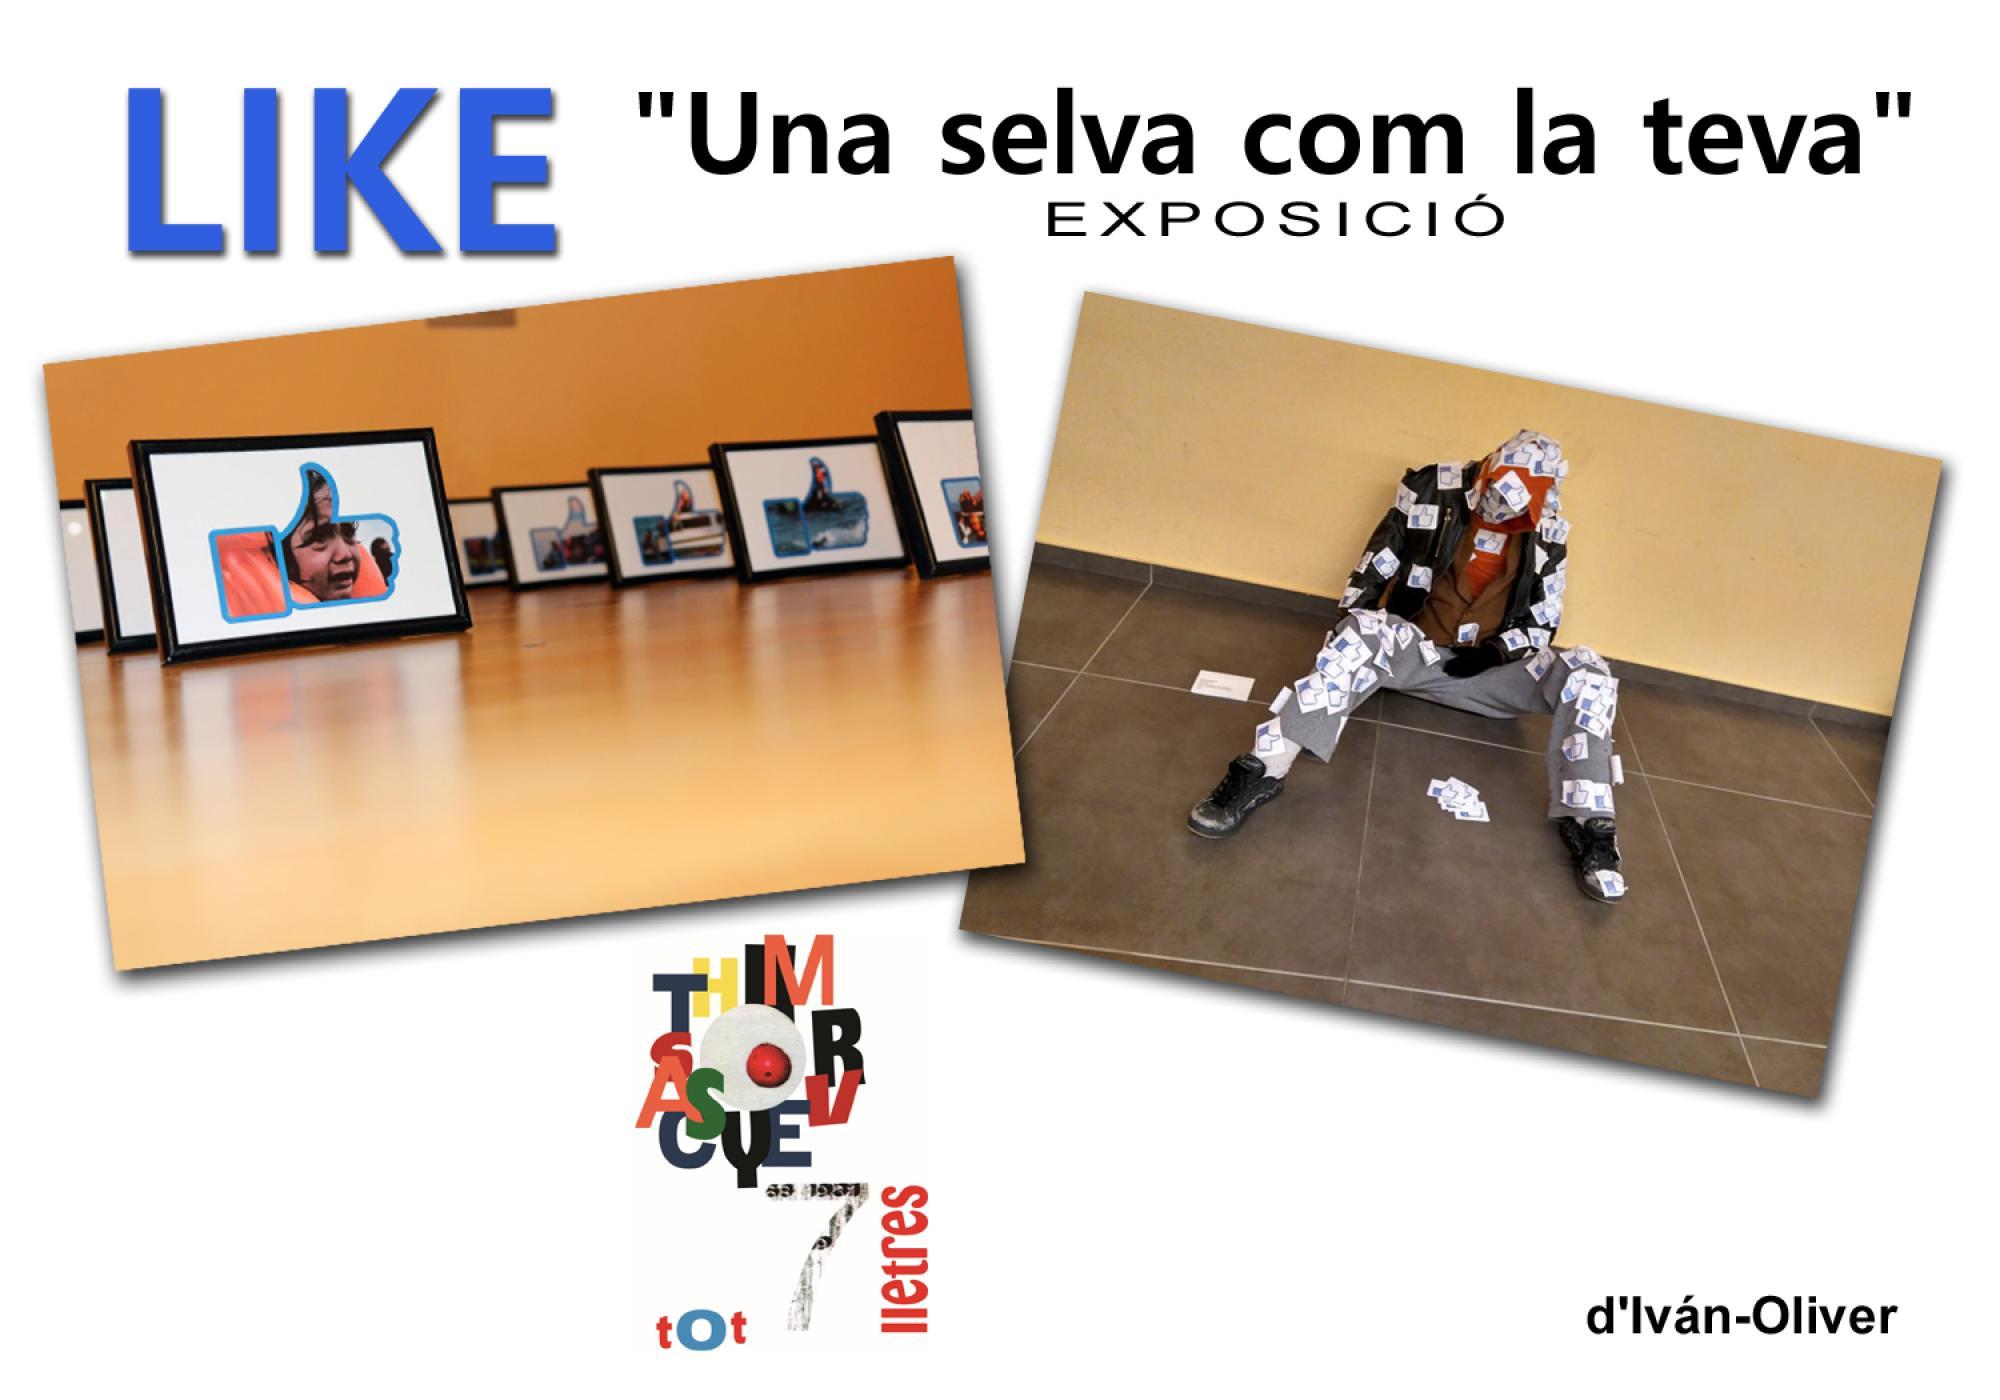 cartell Exposició Like 'Una selva com la teva'